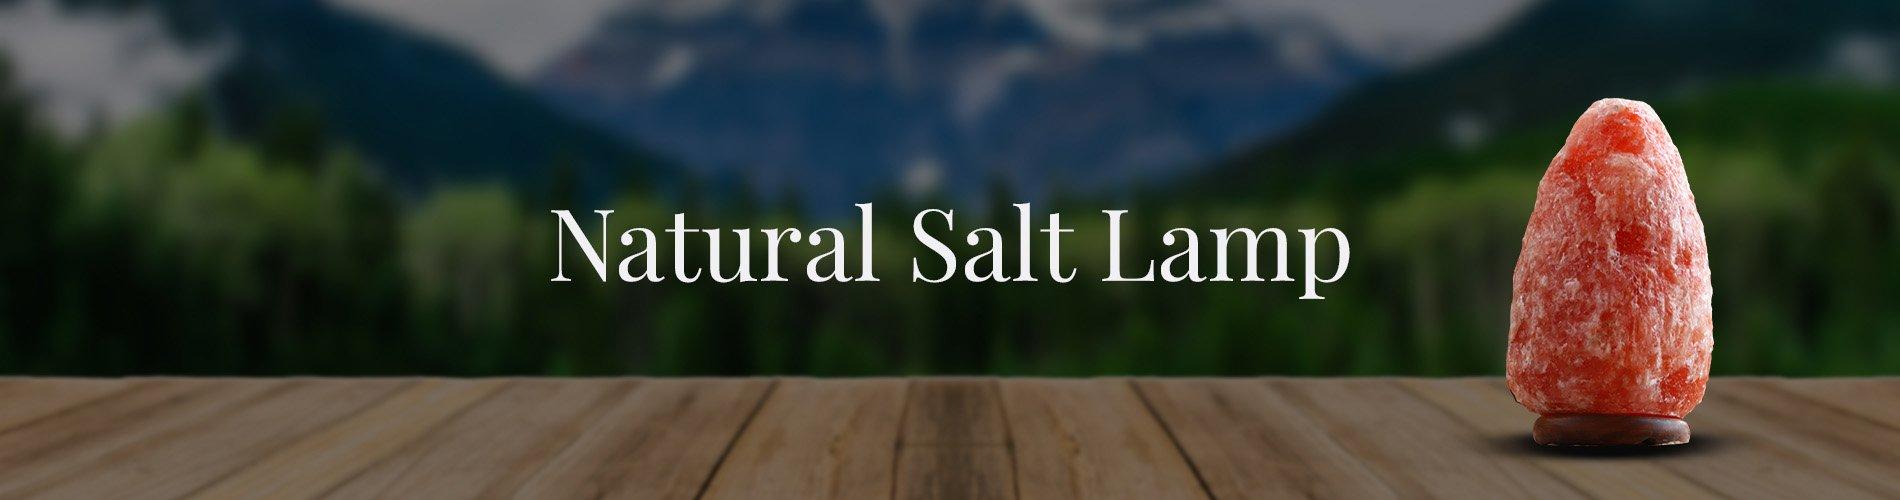 Natural salt Lamp Background Image